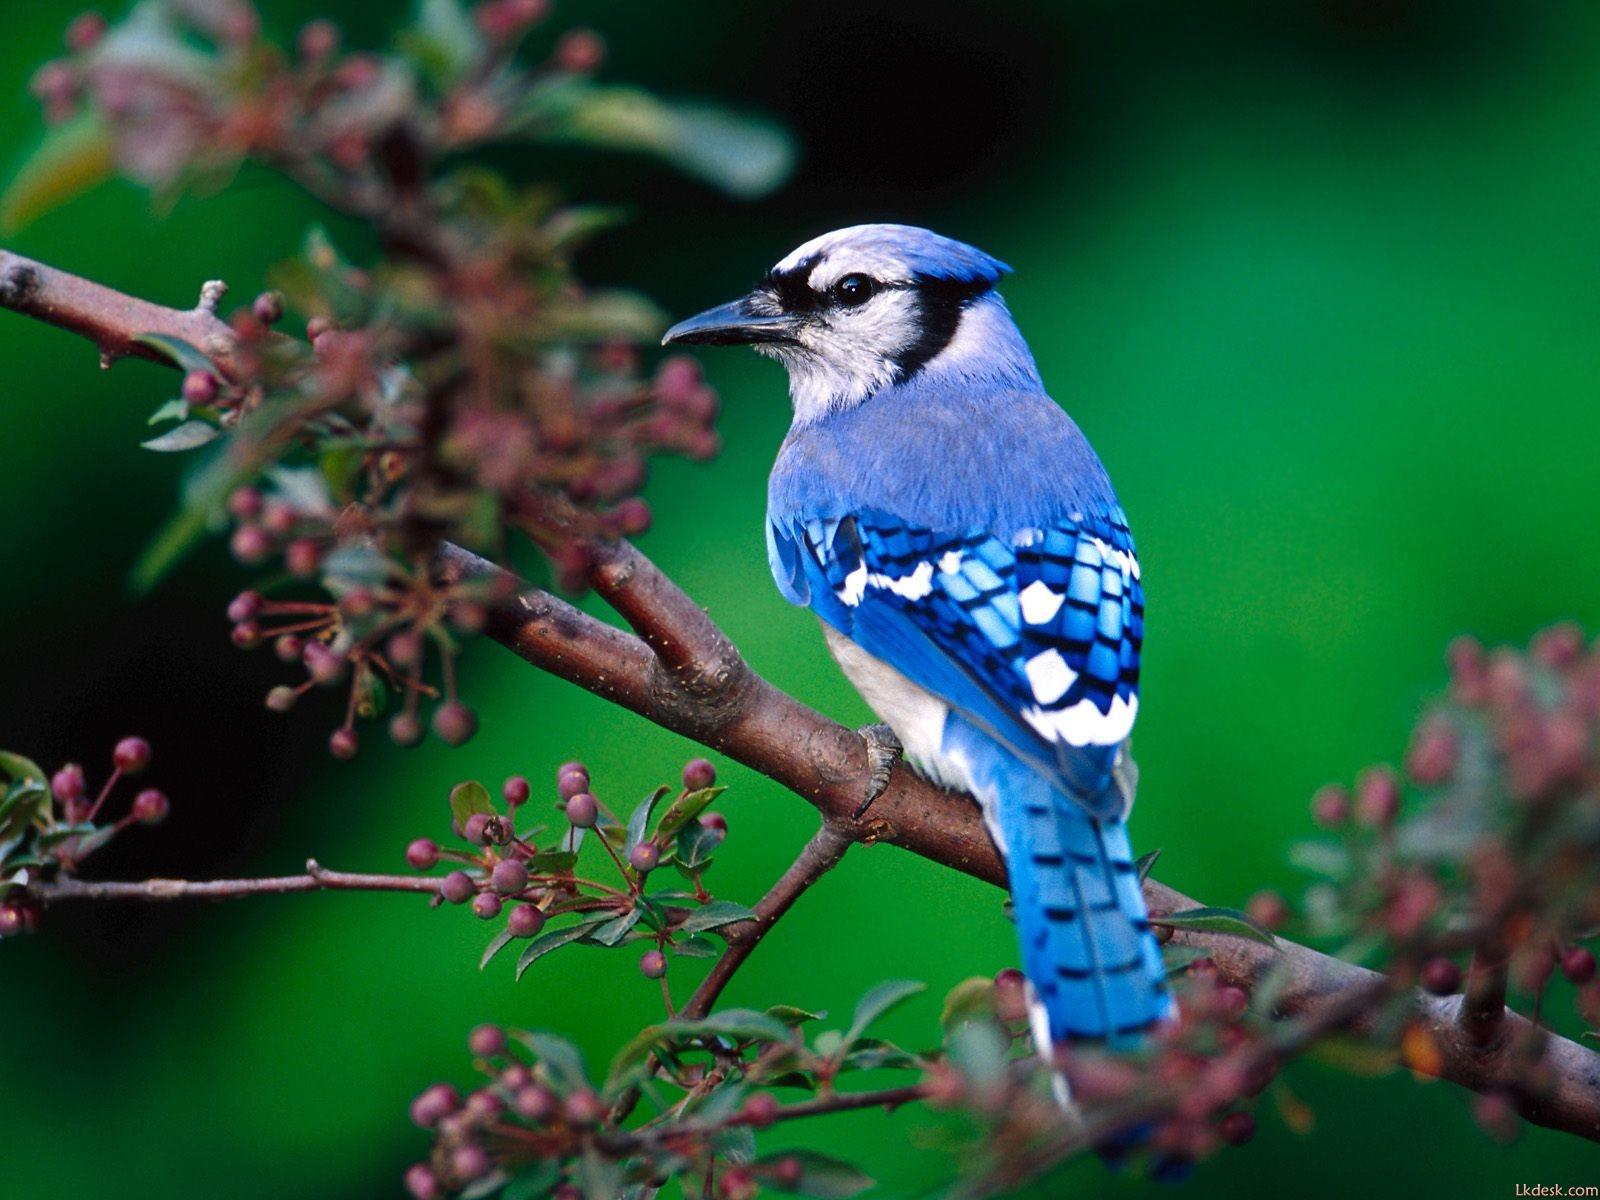 可爱小鸟漂亮鸟类写真壁纸壁纸,可爱小鸟漂亮鸟类